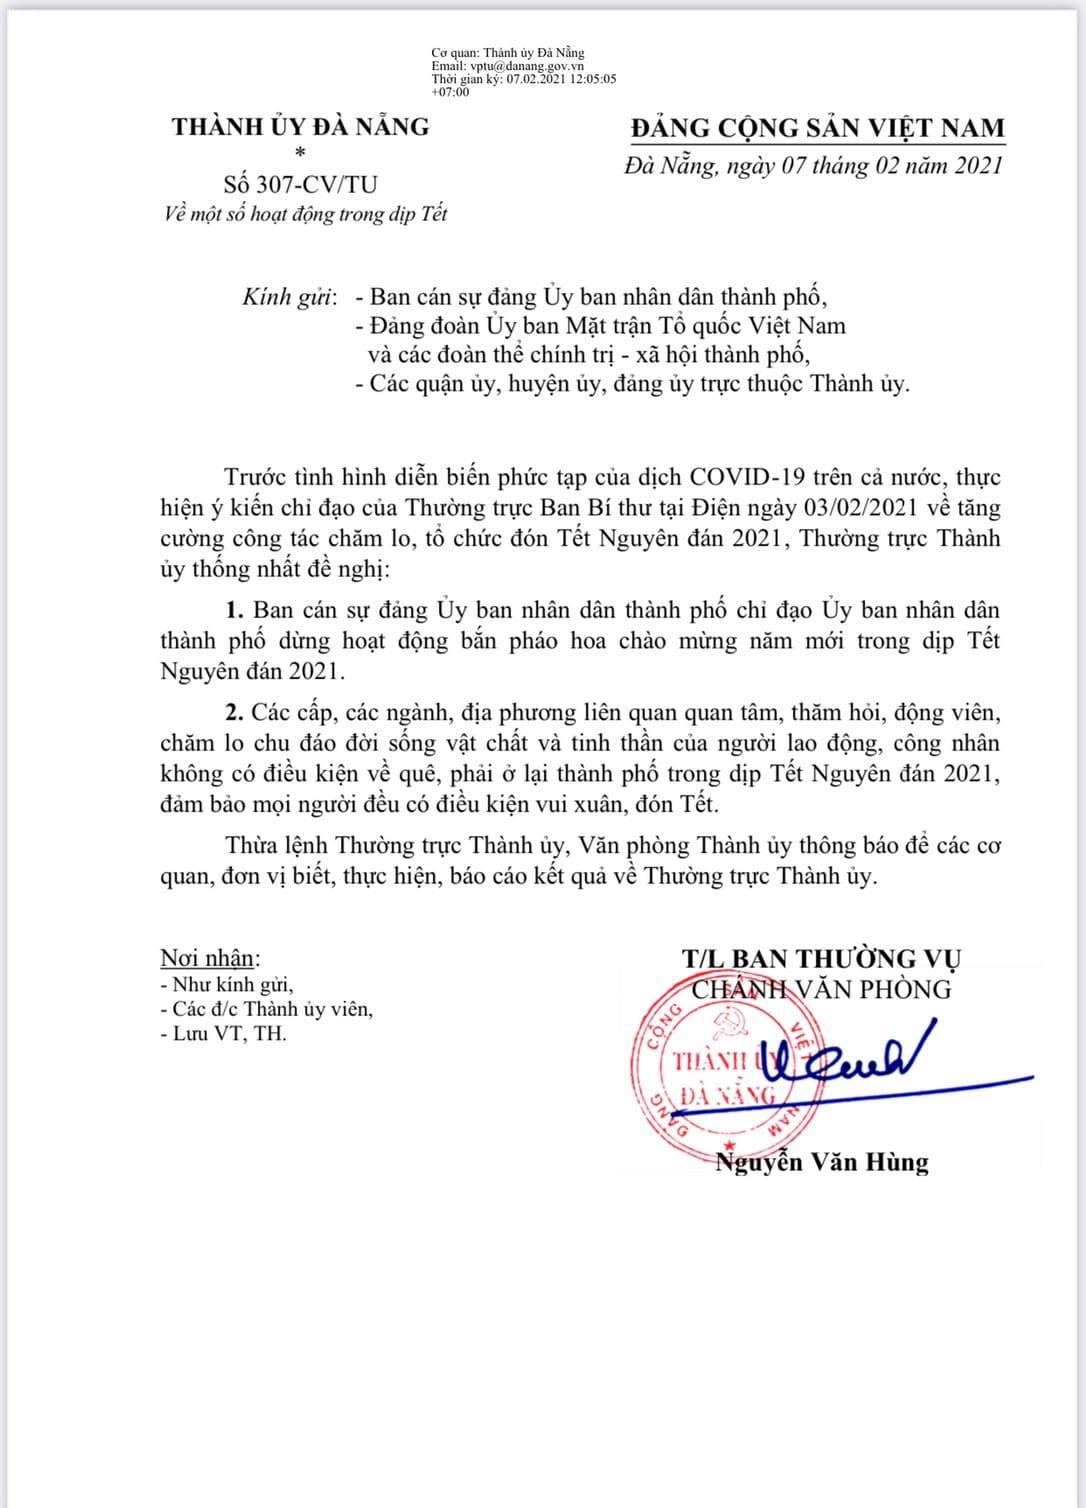 Đà Nẵng tạm dừng hoạt động bắn pháo hoa giao thừa Tết Nguyên đán 2021